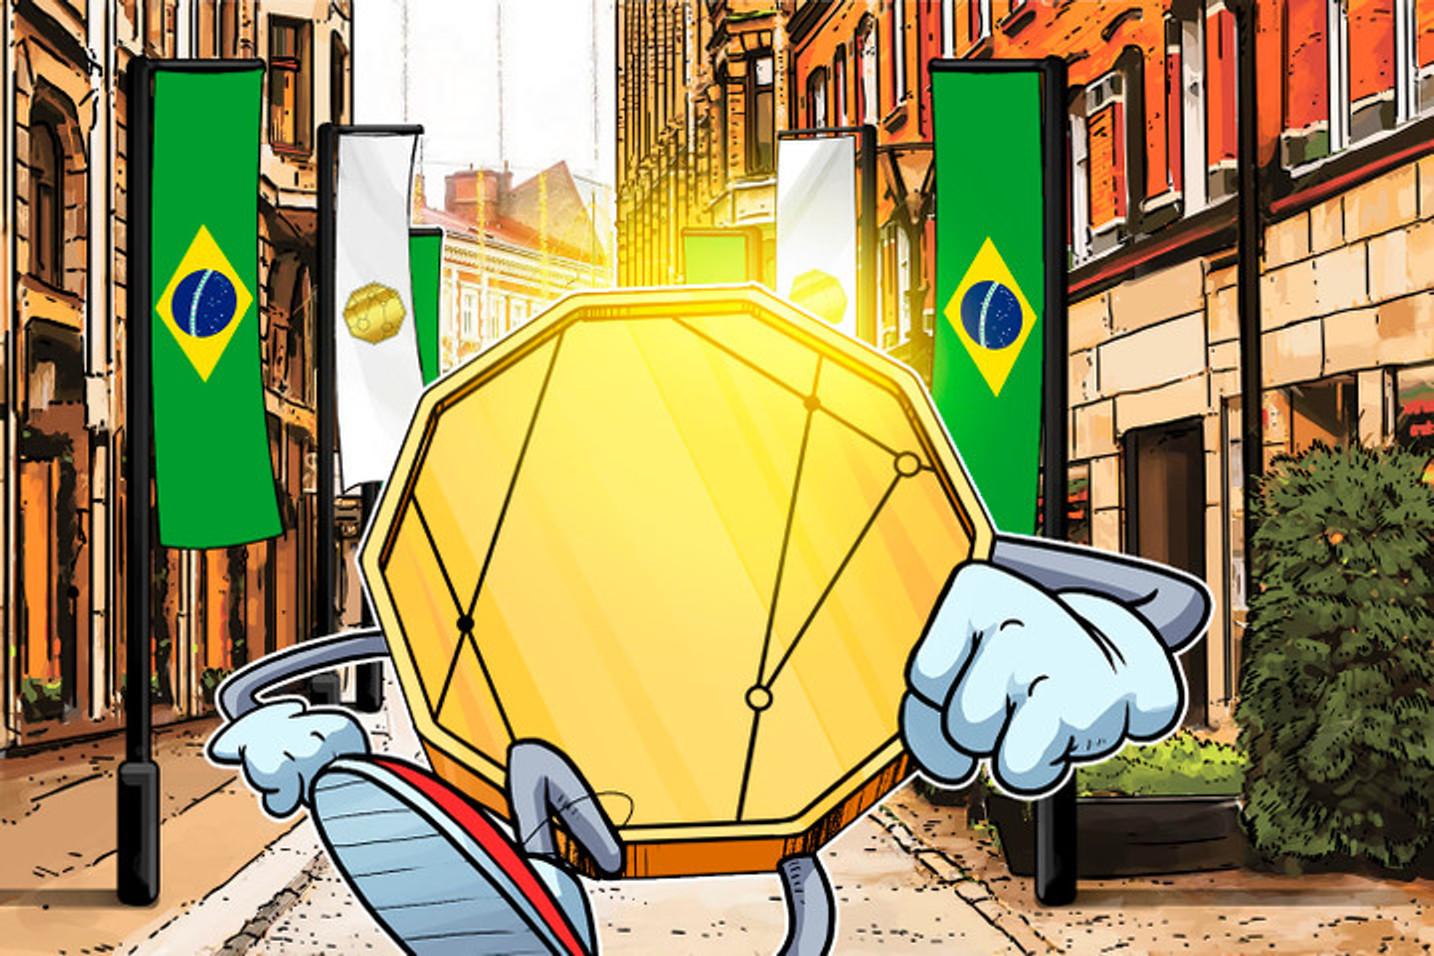 BRZ atinge suprimento de 35 milhões de tokens com maior volume entre stablecoins brasileiras